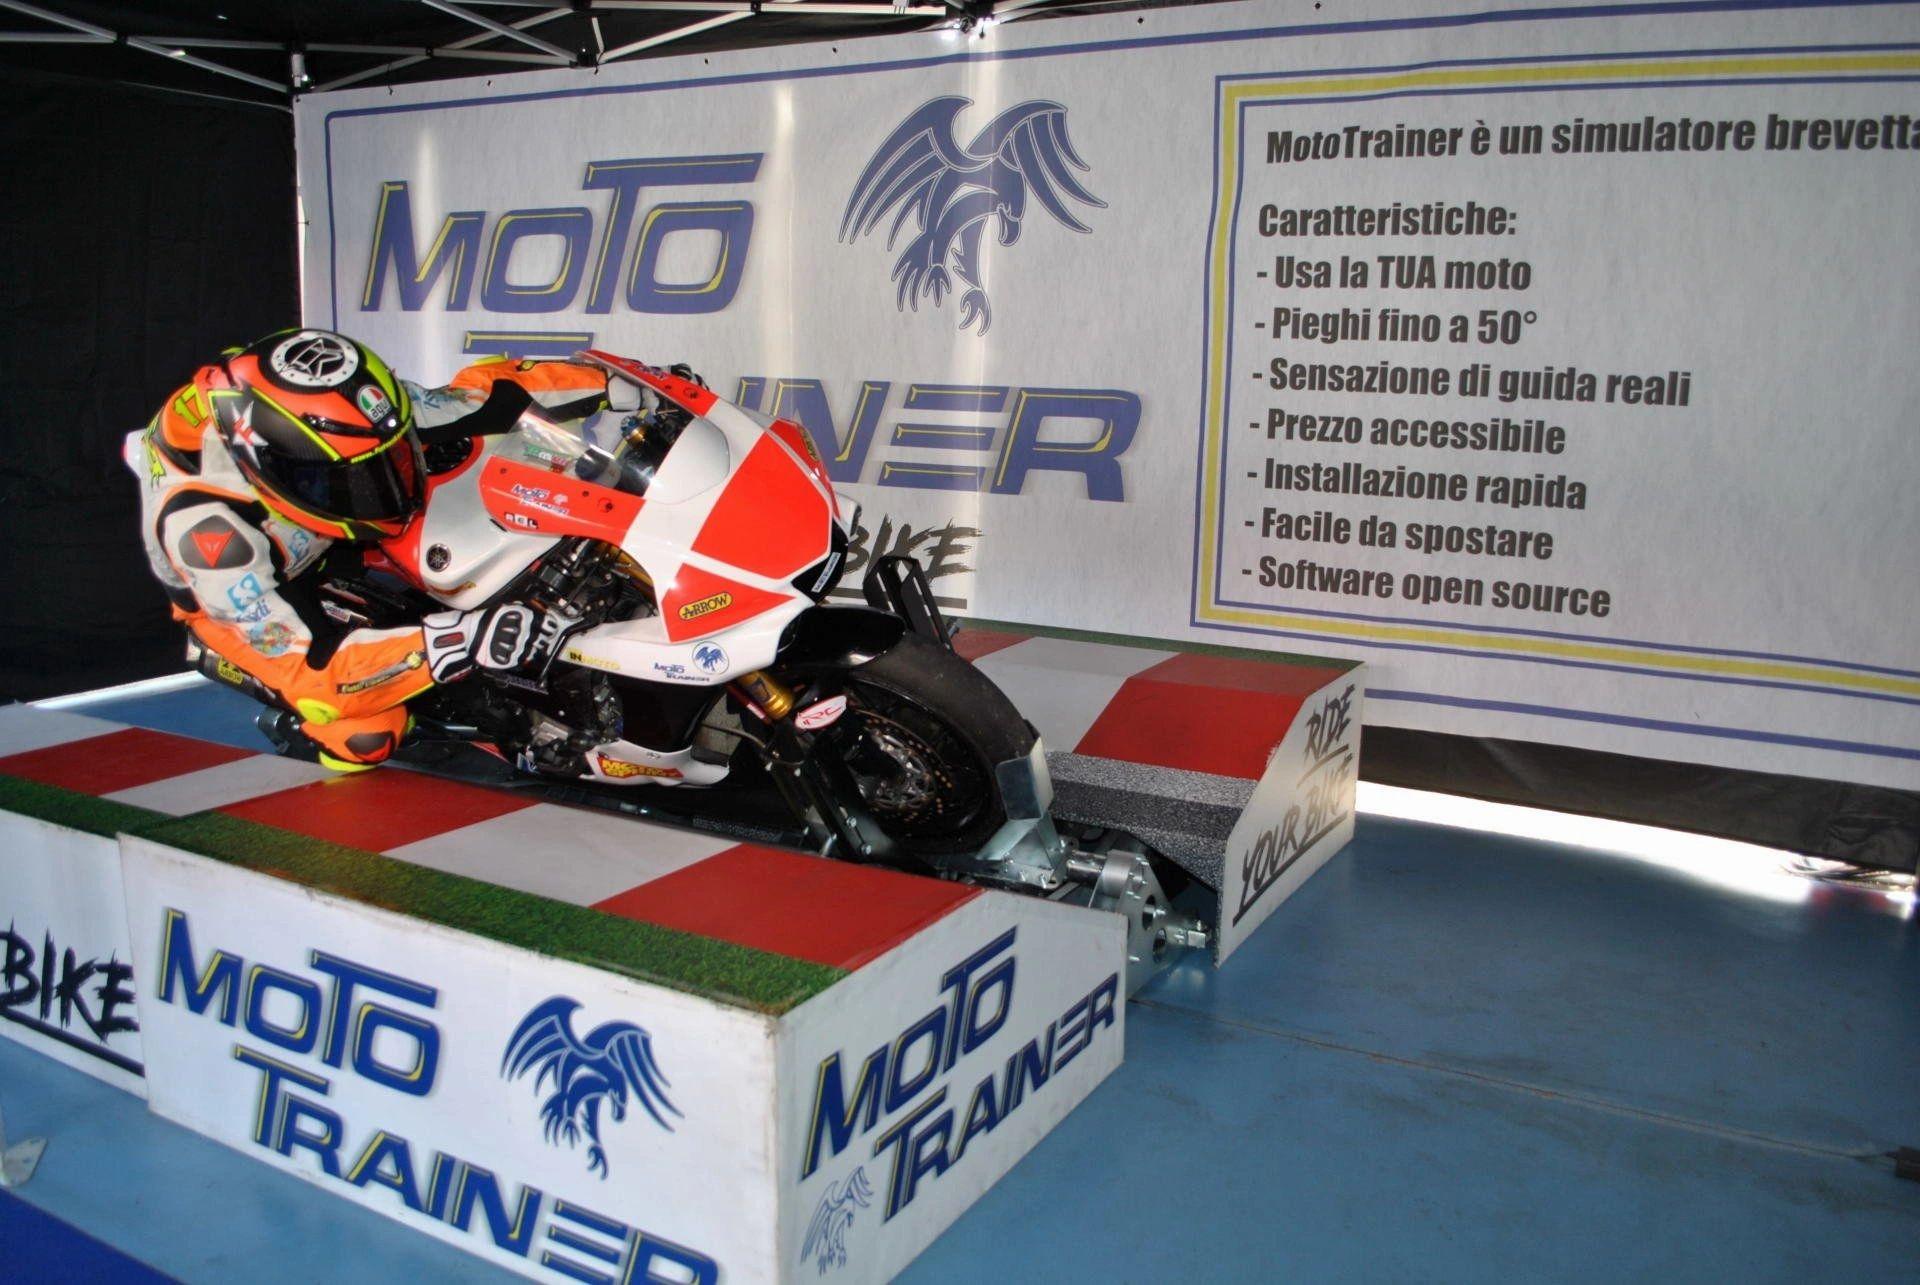 Moto Trainer simulador